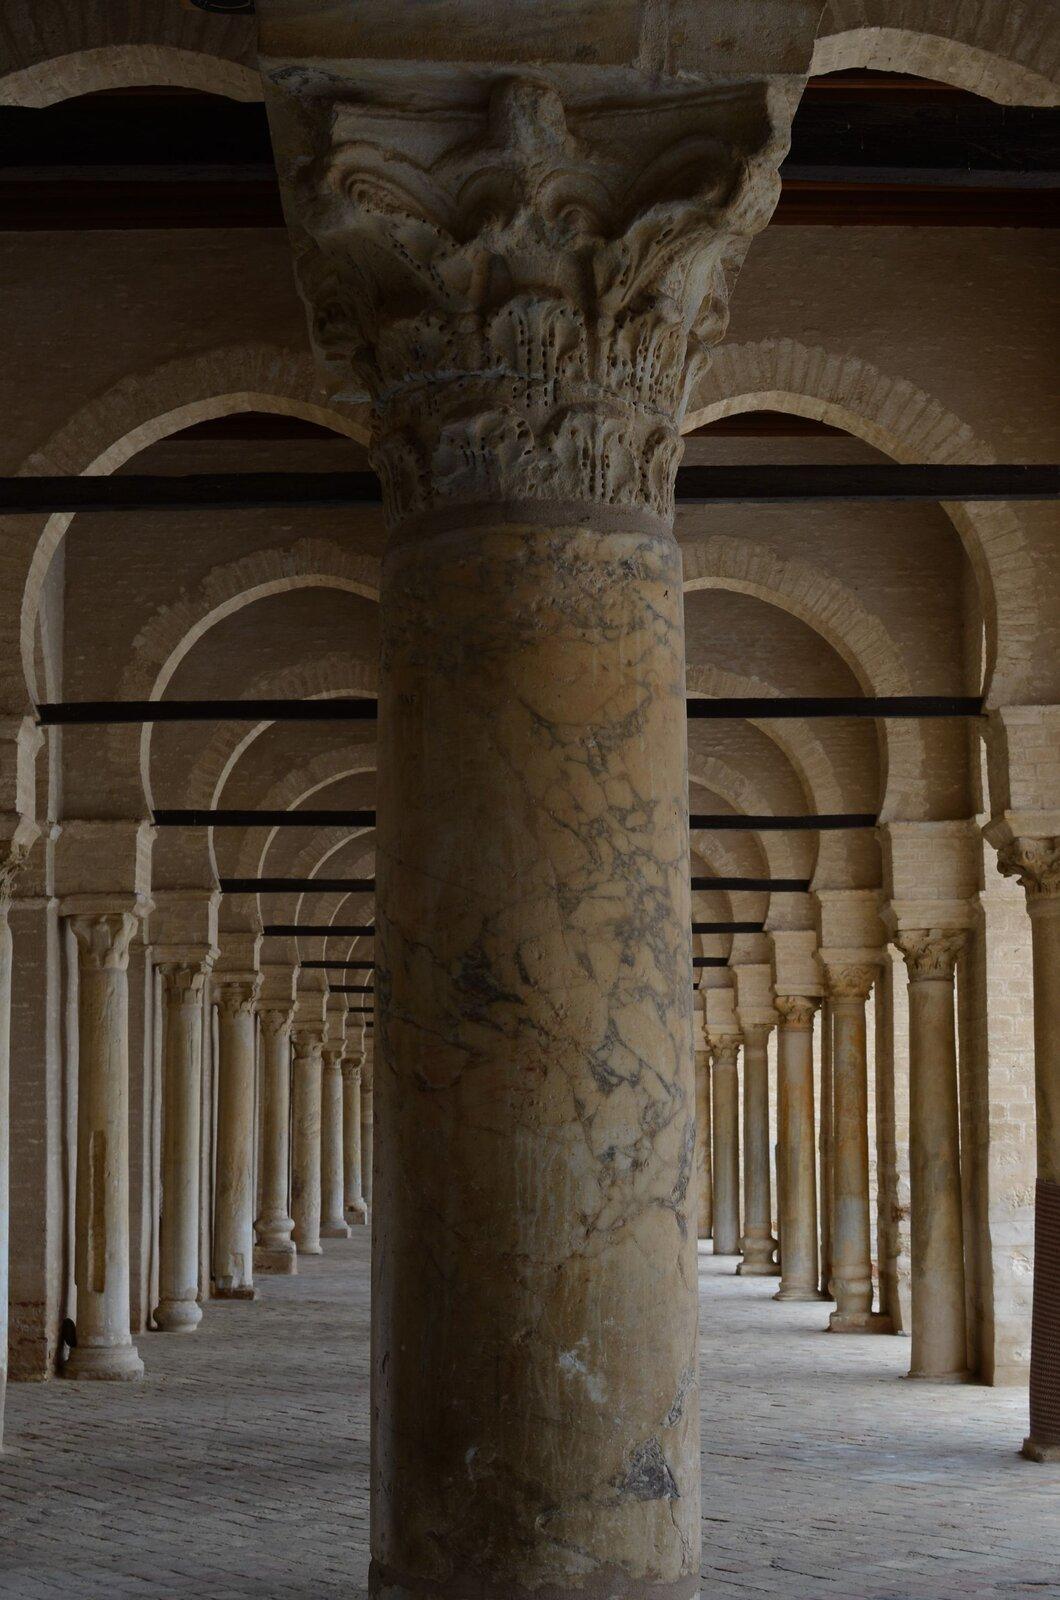 Zdjęcie kolumny wewnątrz budowli.